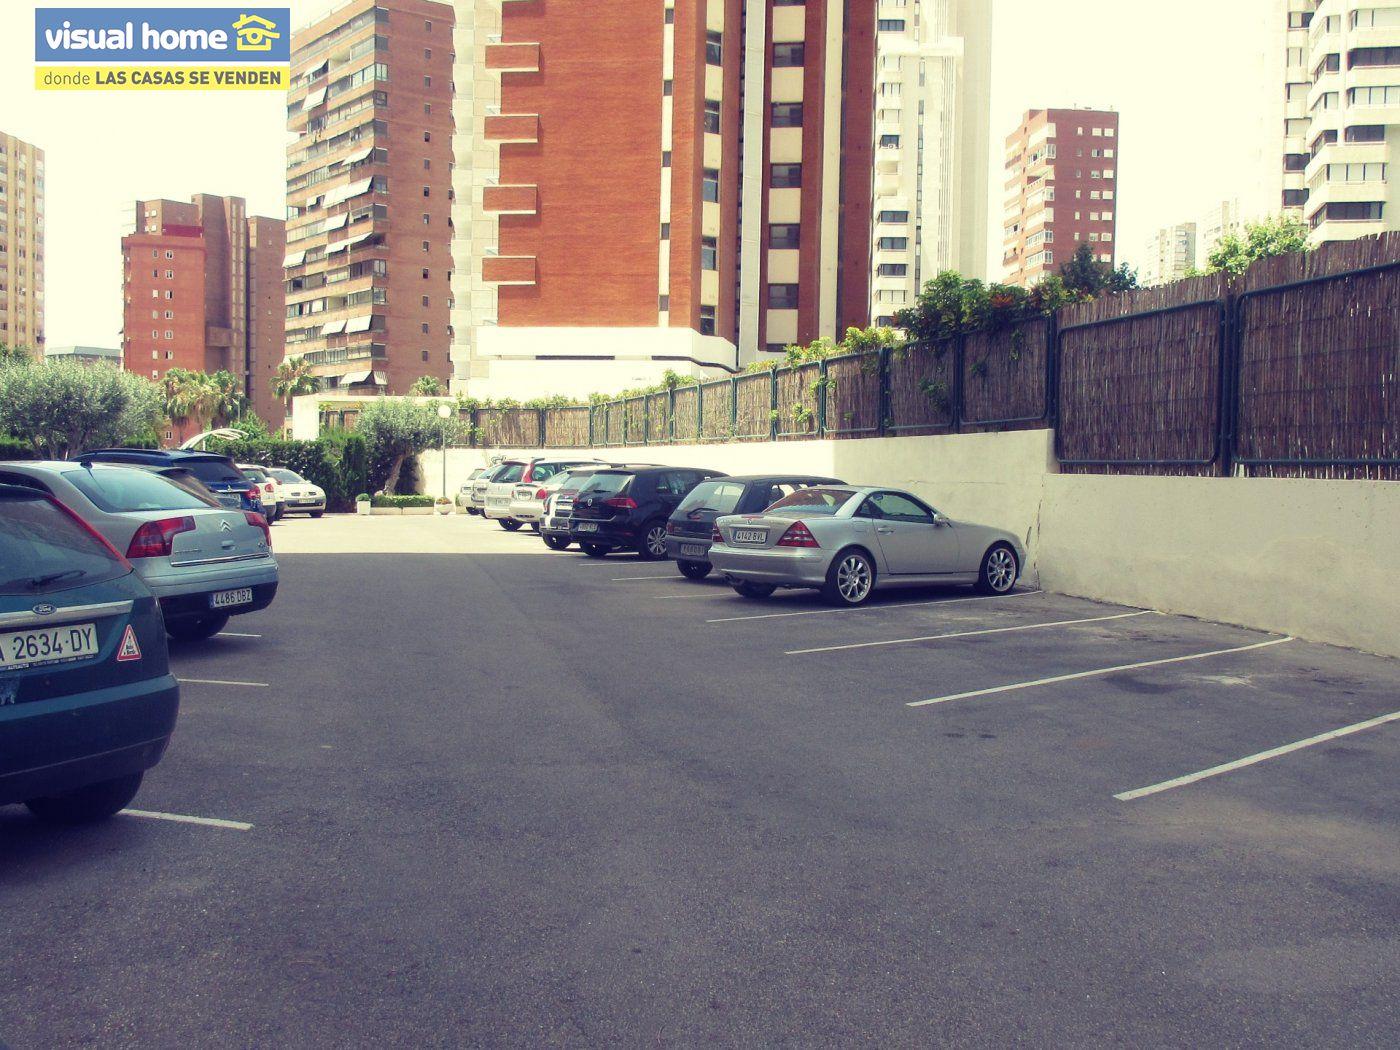 ¡¡¡ Oportunidad !!! Apartamento zona Levante de un dormitorio con parking y piscina 30